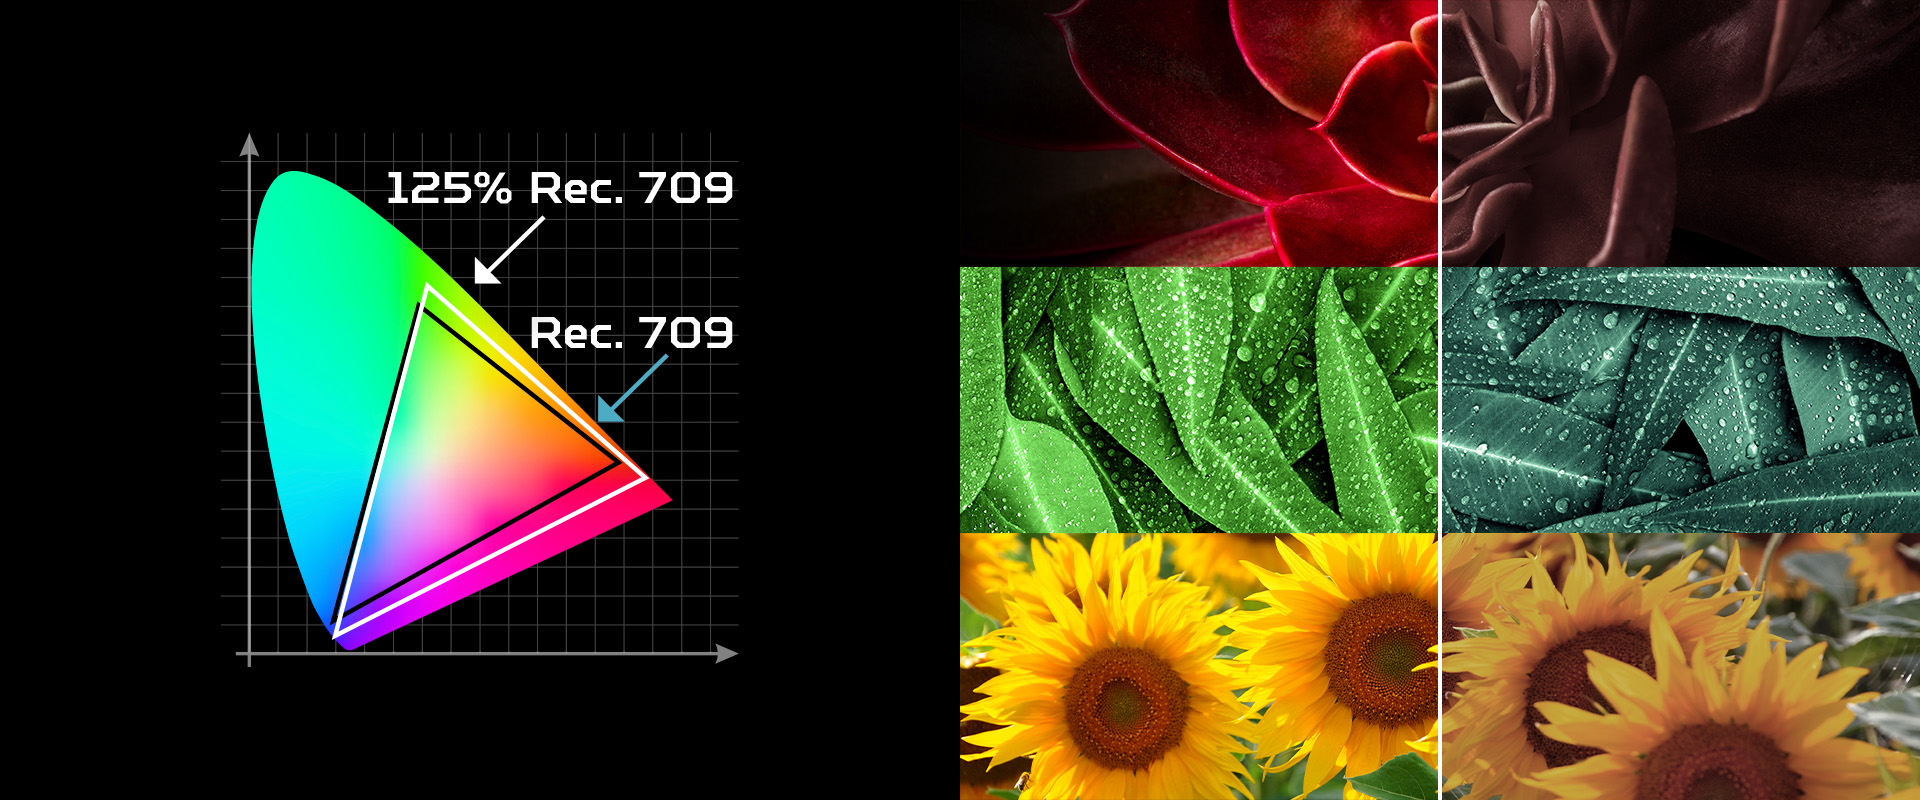 Poprawiona paleta kolorów 125% Rec. 709 - Large